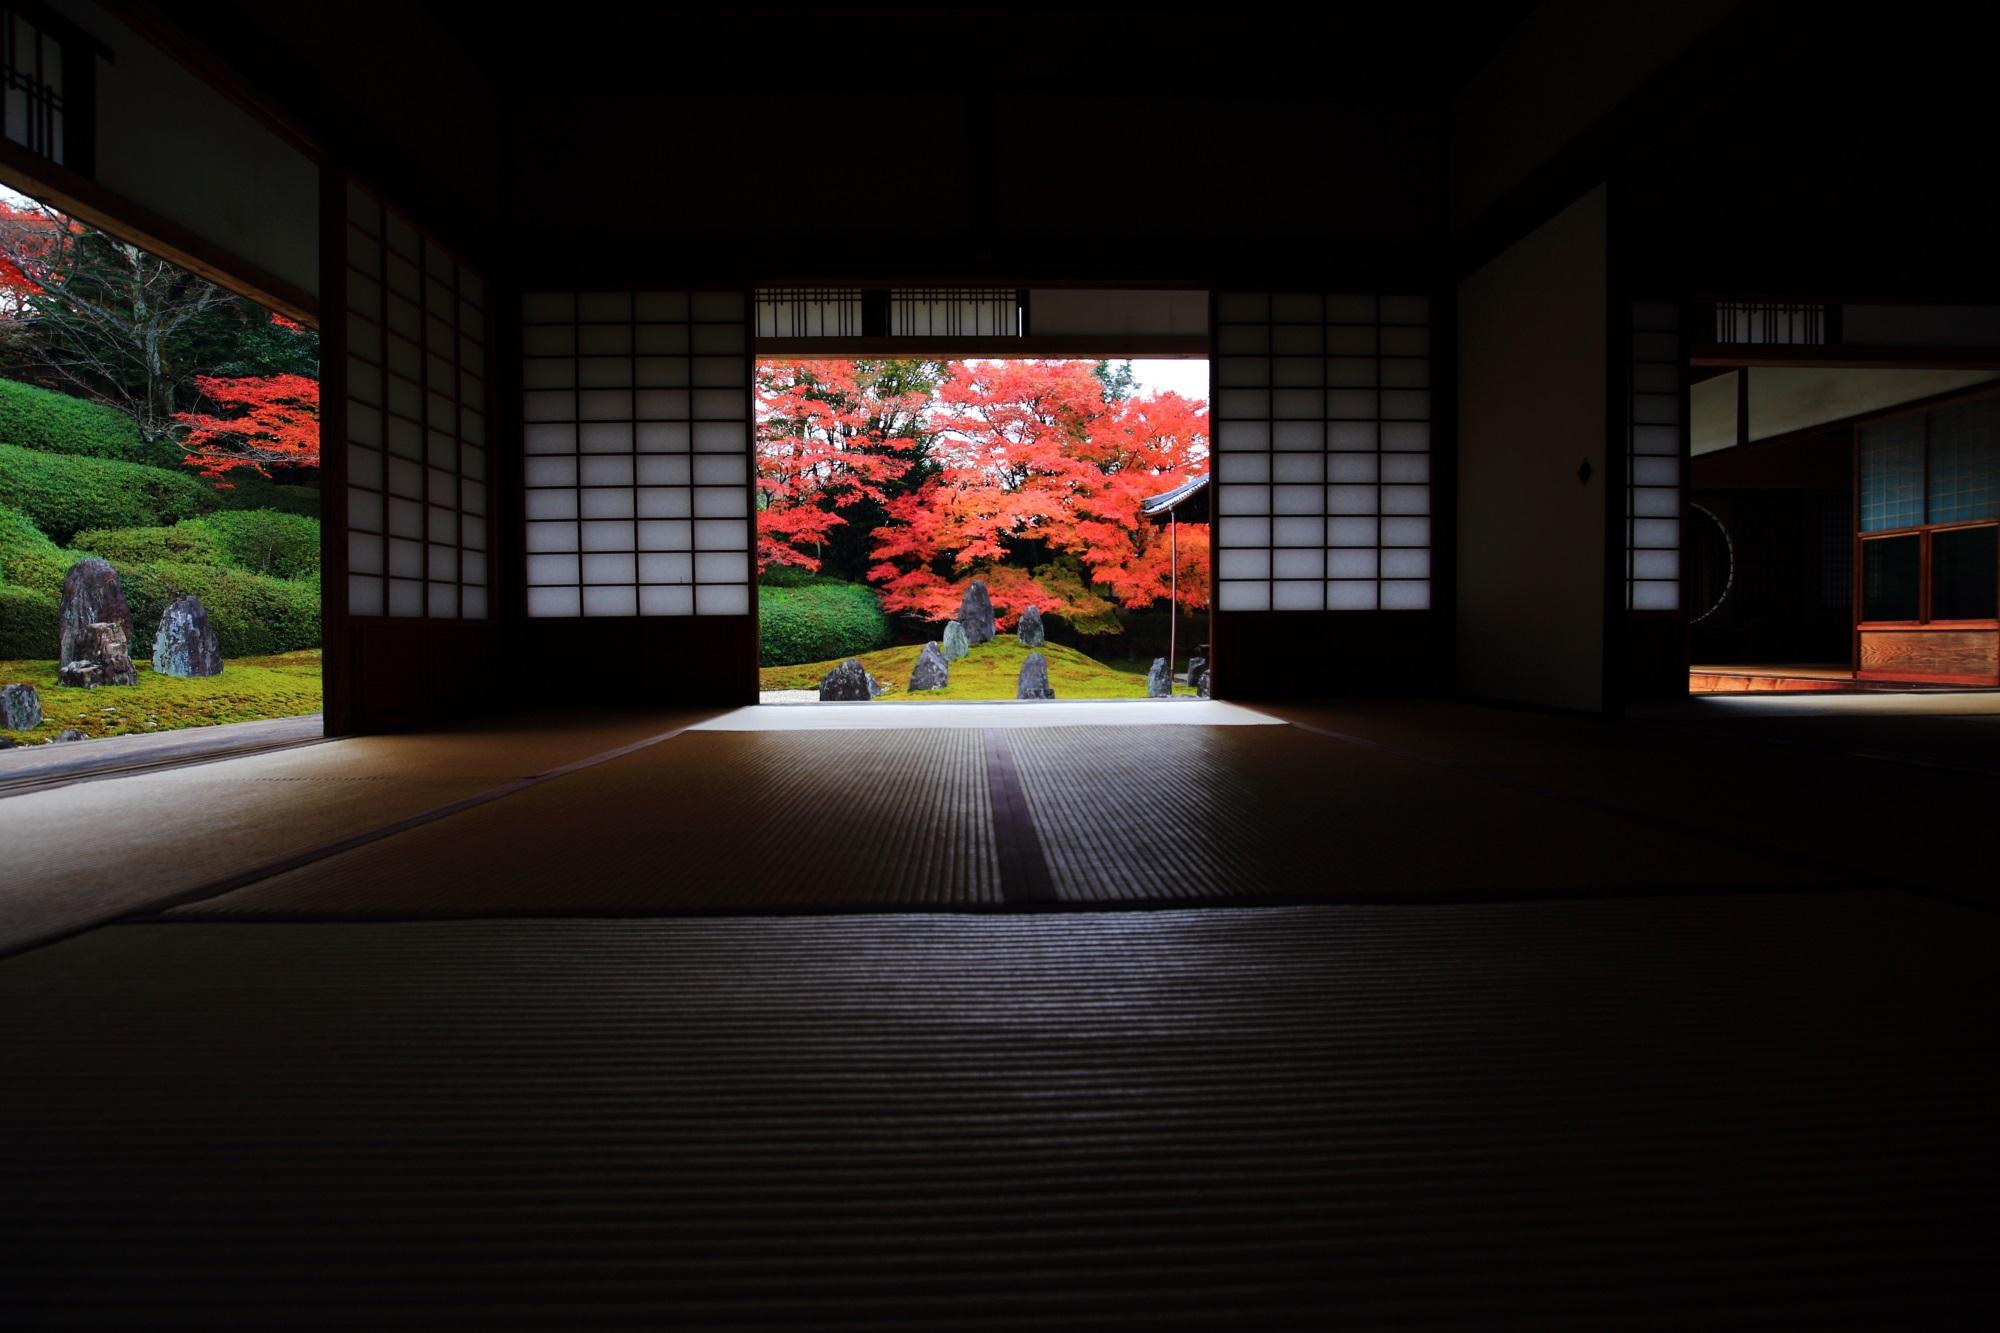 もみじの名所の光明院の書院から眺める波心庭の見事な紅葉